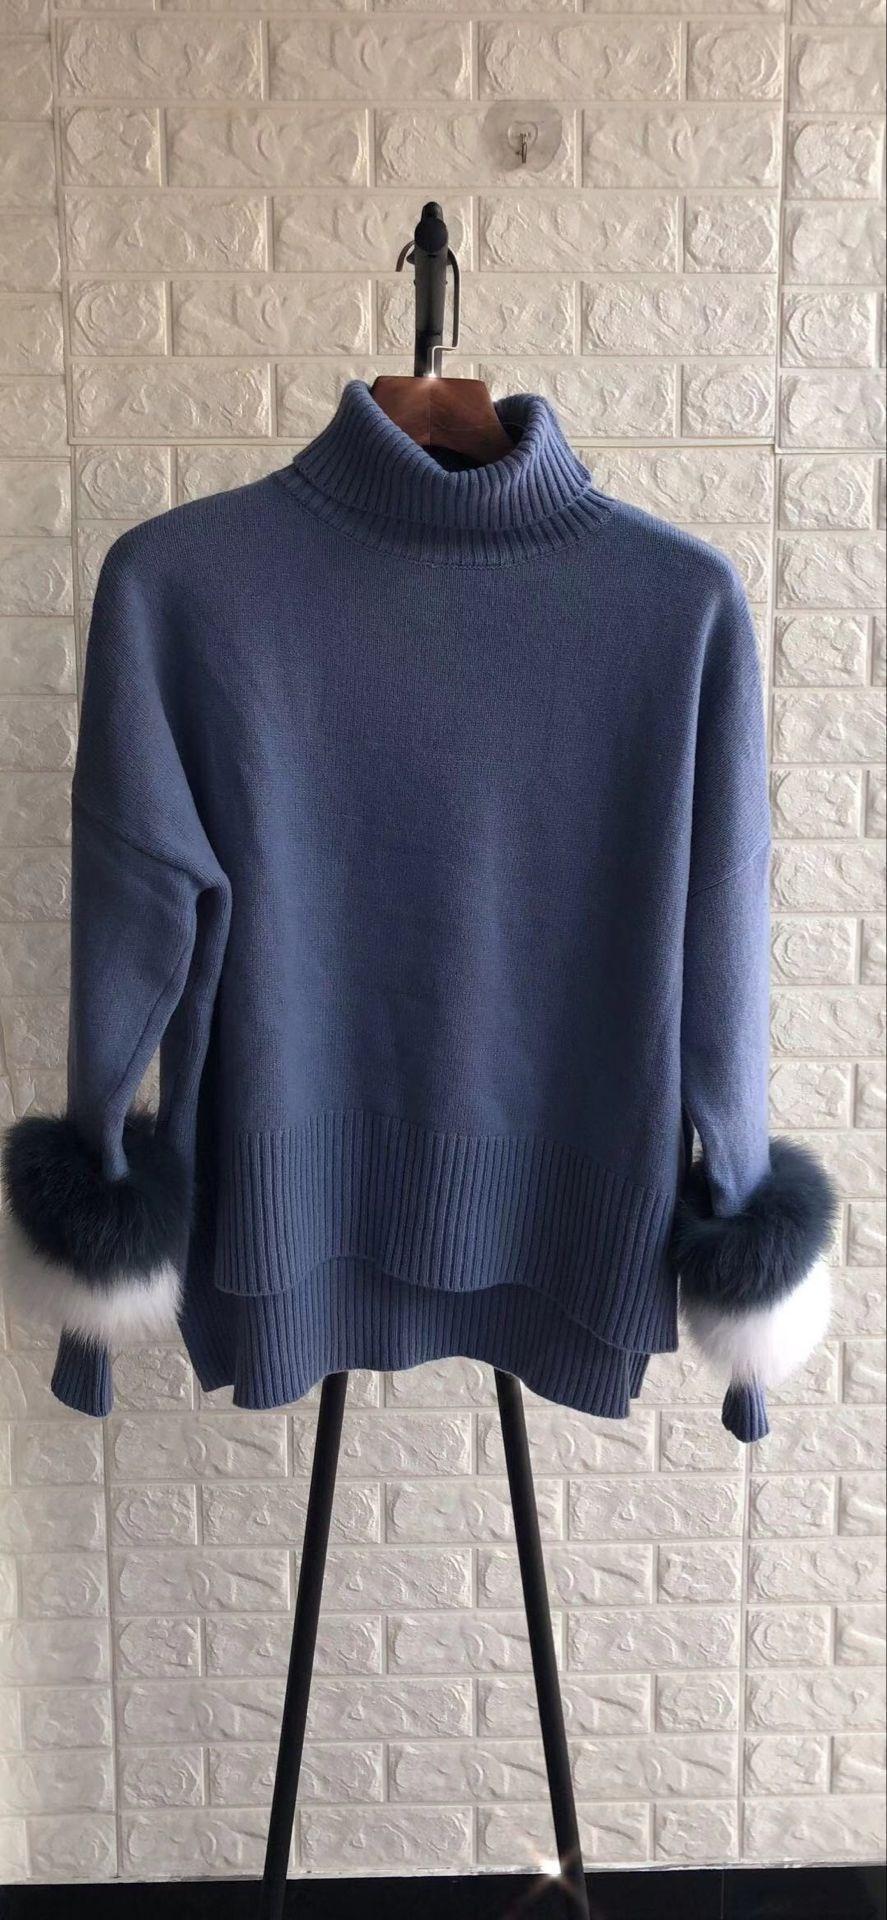 Pulls Élégant Chandail Fourrure bleu gris Pullover Couleurs Femelle Frappé Col Manteau Asymétrique Patchwork Beige Roulé Femmes Peluche pxUHqnIH